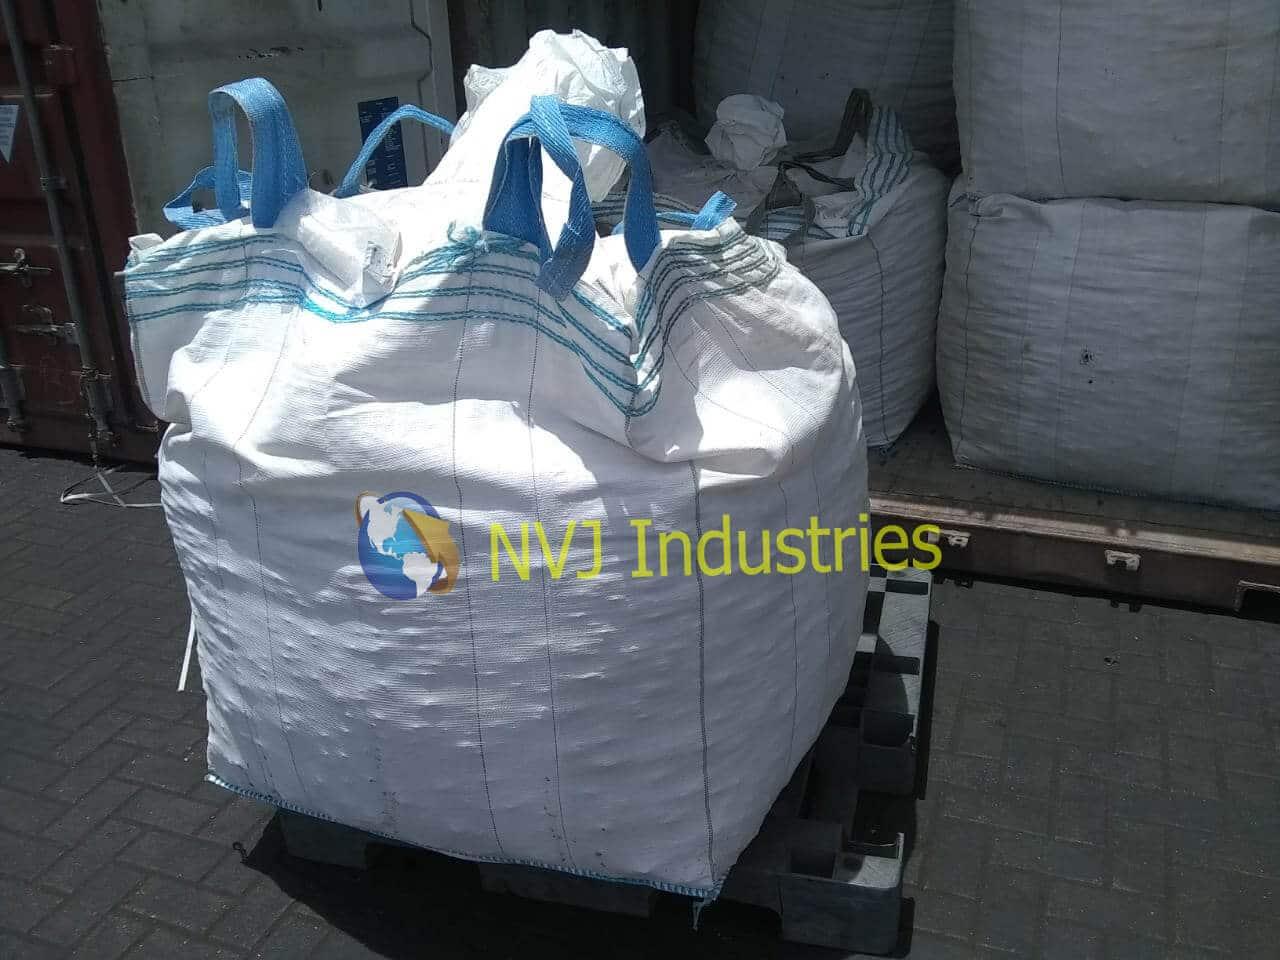 nvj-industries-calcium-fluoride-buyers